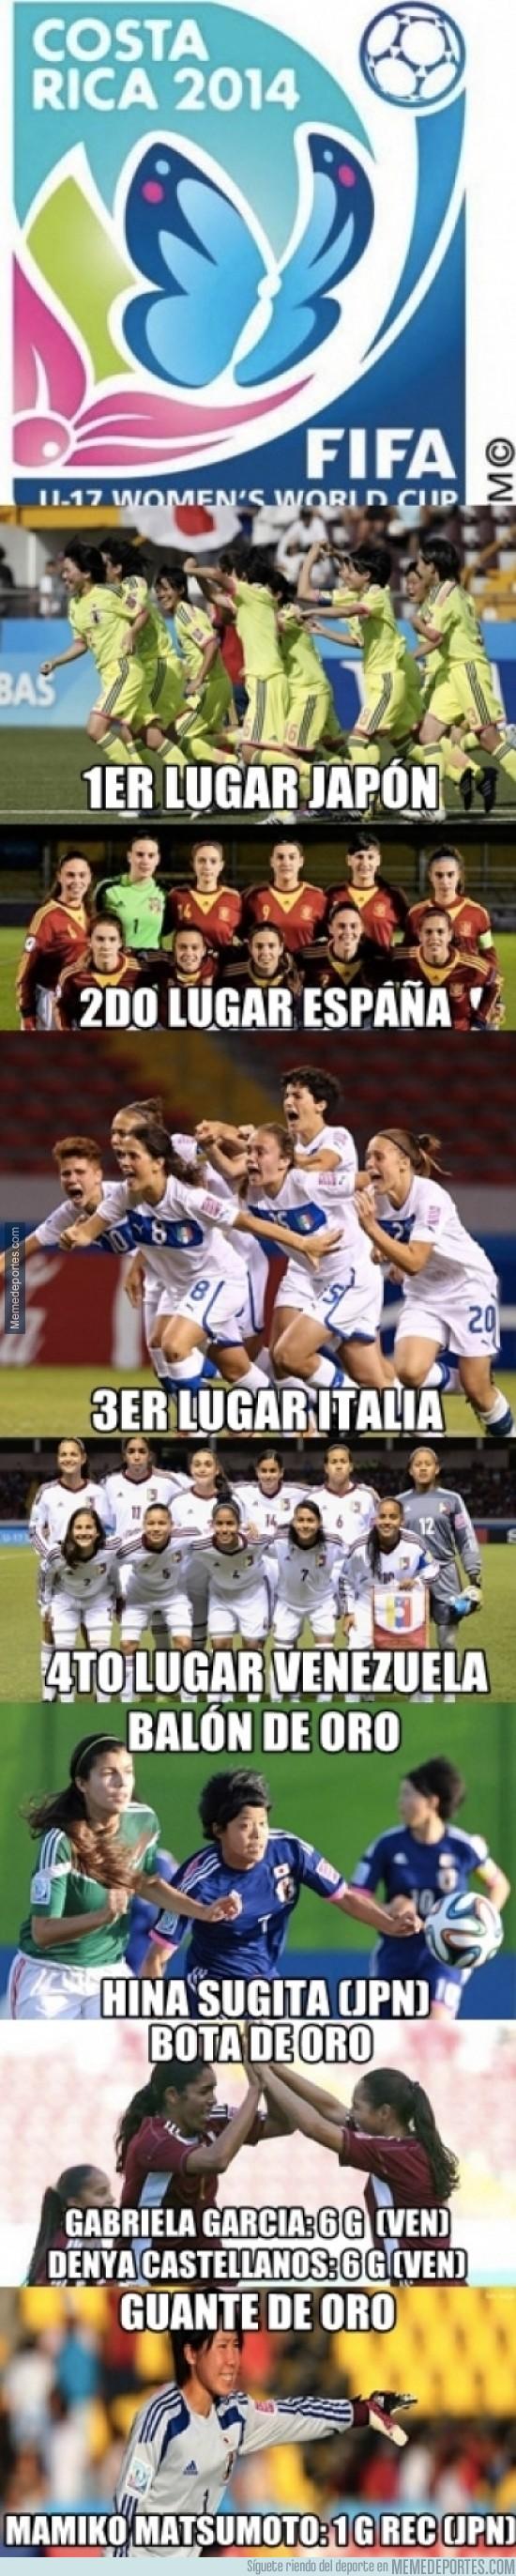 293559 - Resumen del Mundial Femenino Sub-17 Costa Rica 2014... ¡Enhorabuena, Japón!